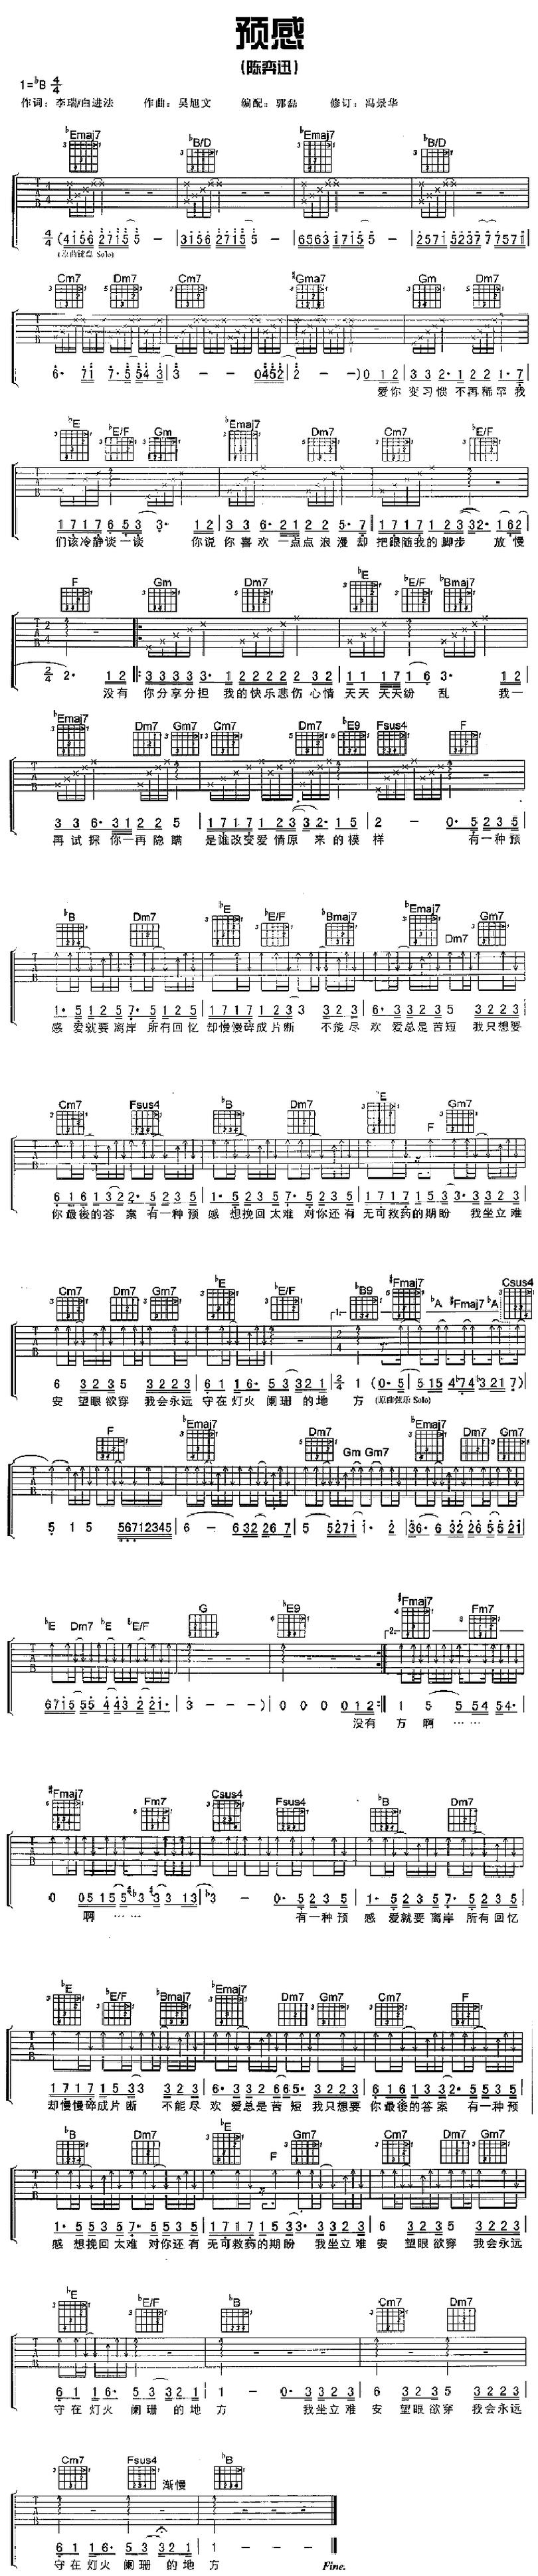 預感-陳奕迅-图片吉他谱-0